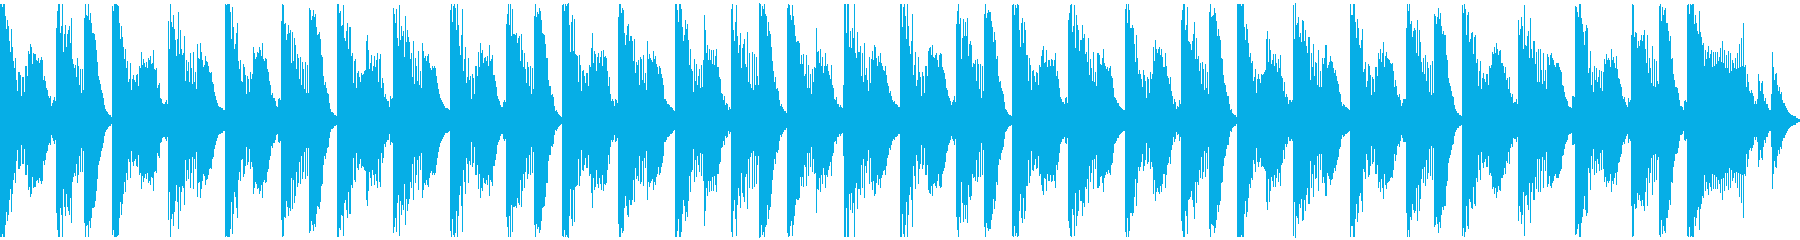 犬・猫・子供の大忙しシンセループの再生済みの波形